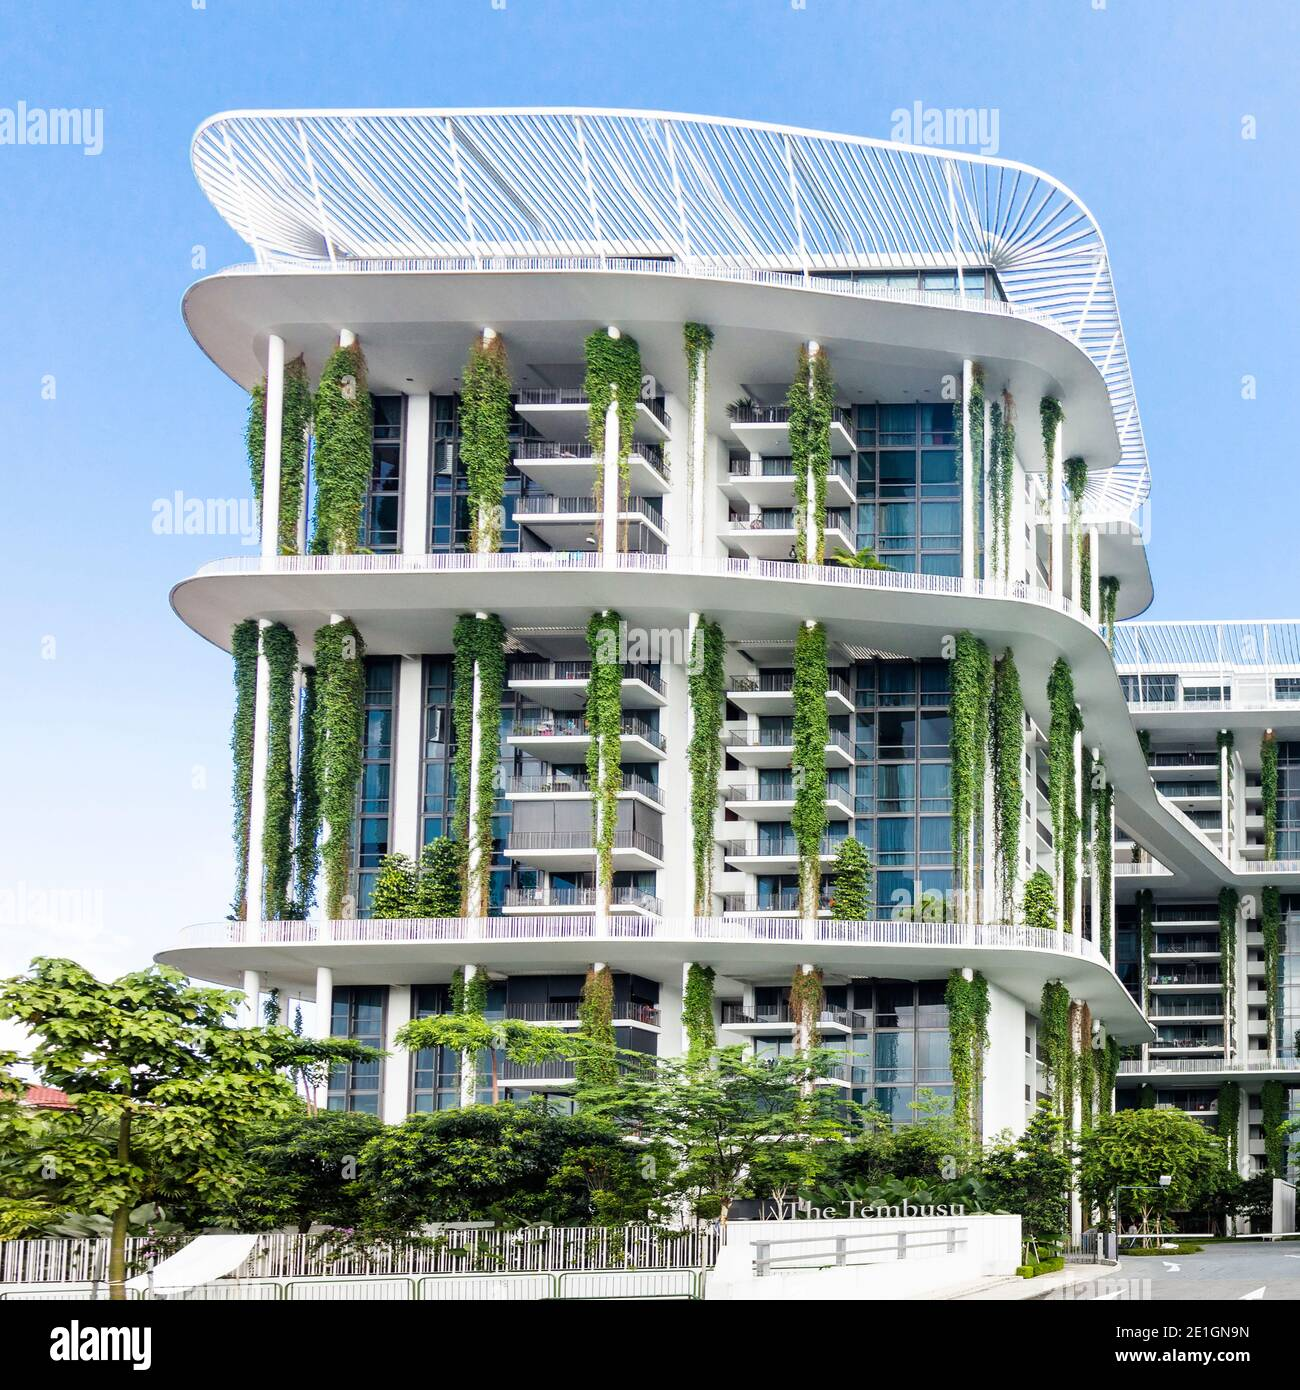 Vue extérieure de l'immeuble d'appartements Tembusu à Singapour avec une façade biologique vivante. Banque D'Images